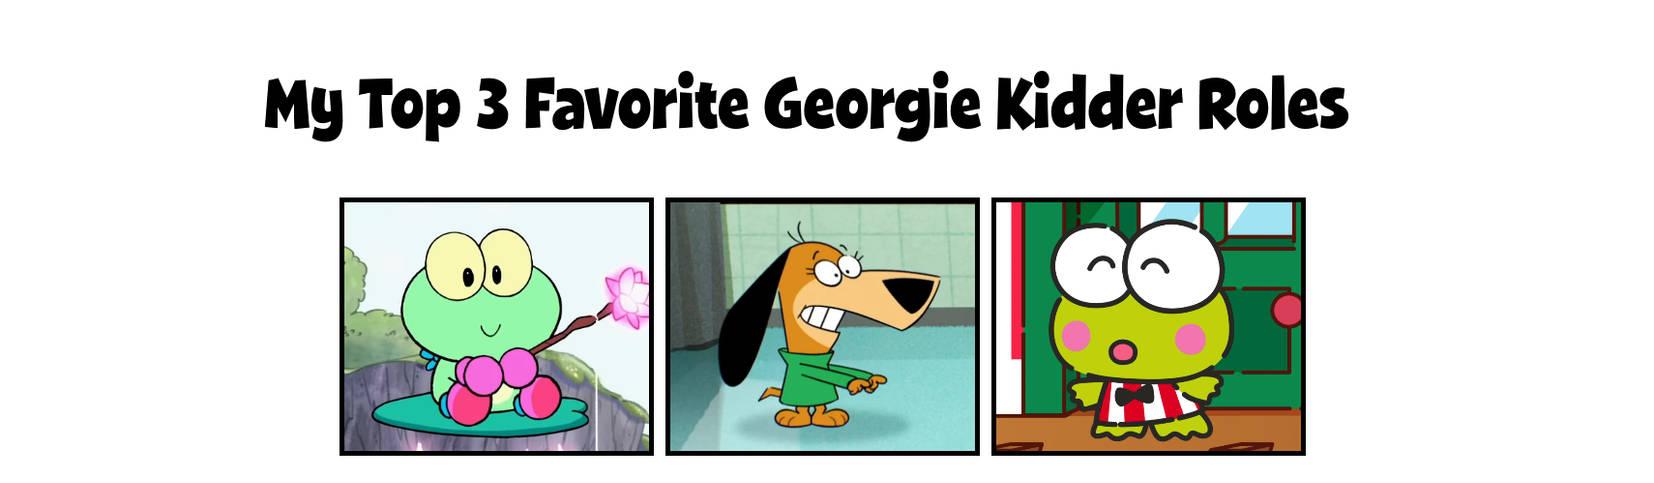 My Top 3 Favorite Georgie Kidder Roles